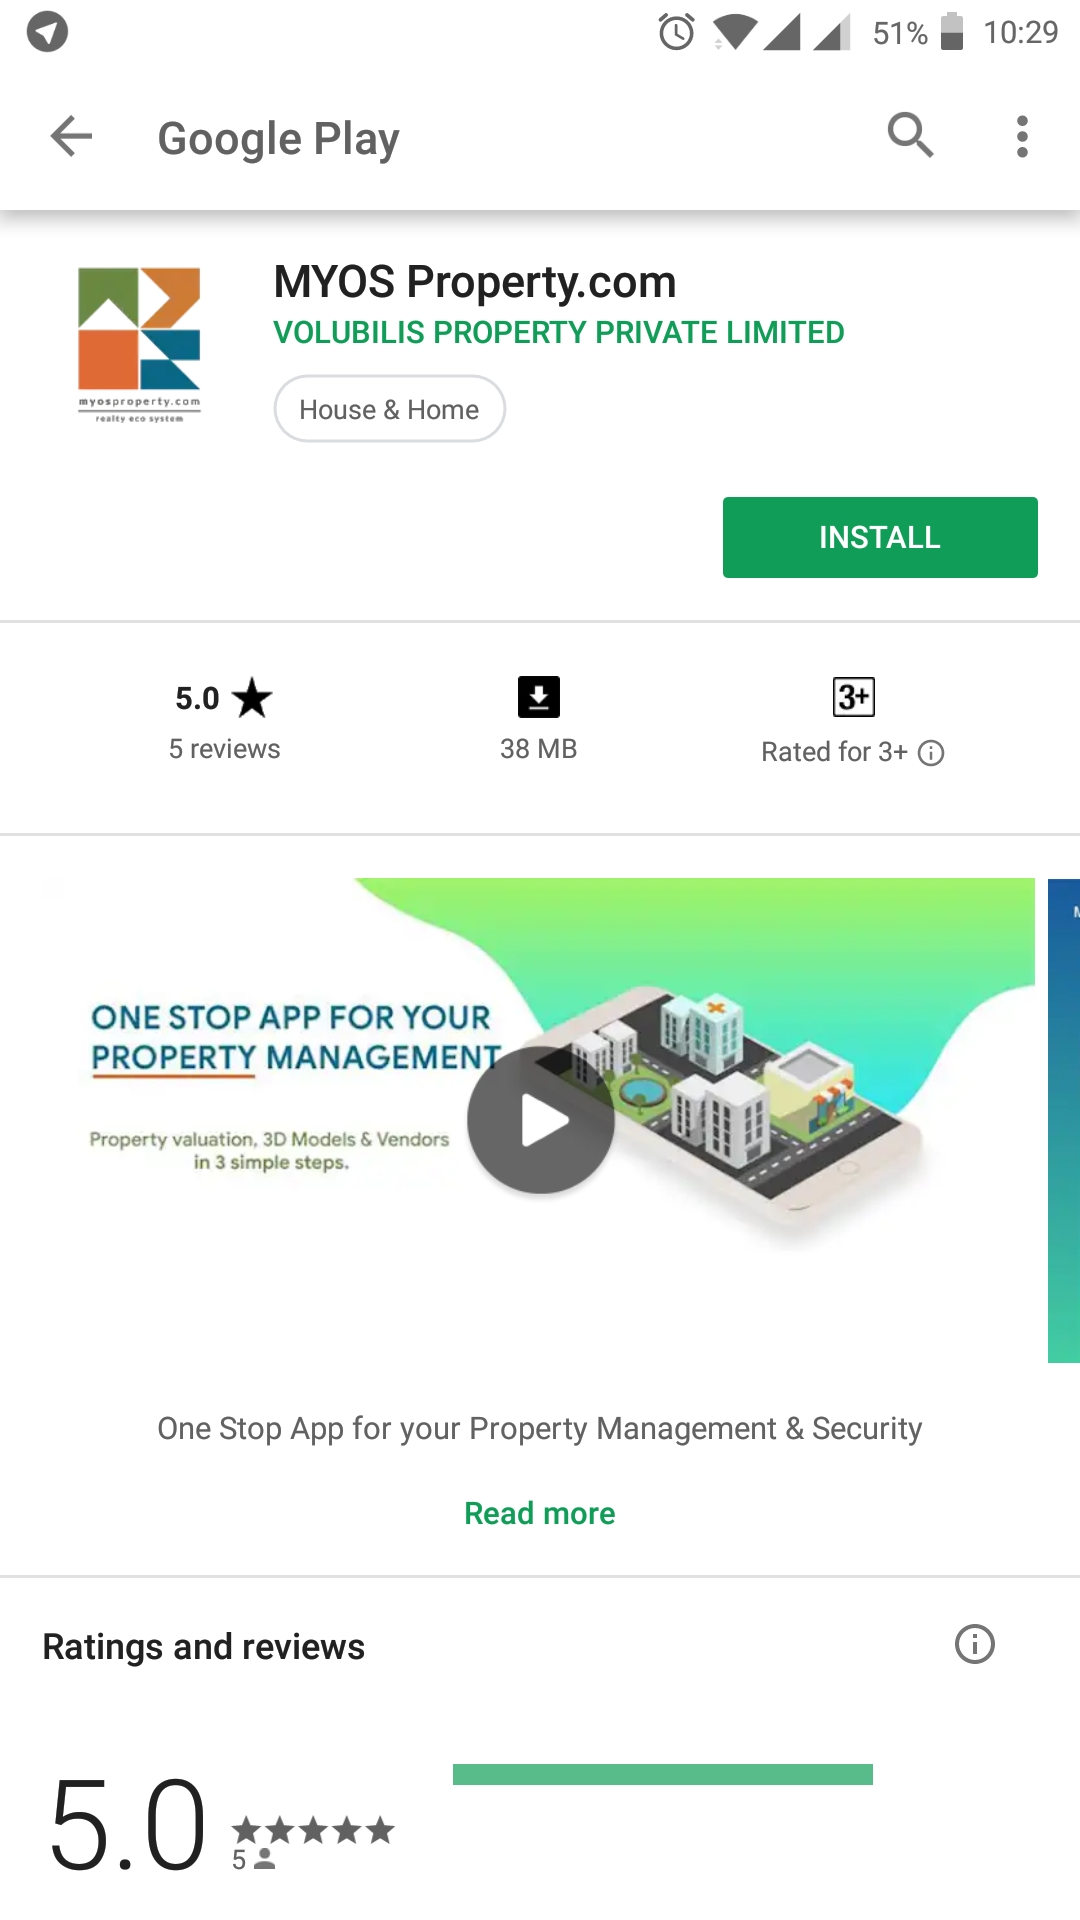 MYOS Property